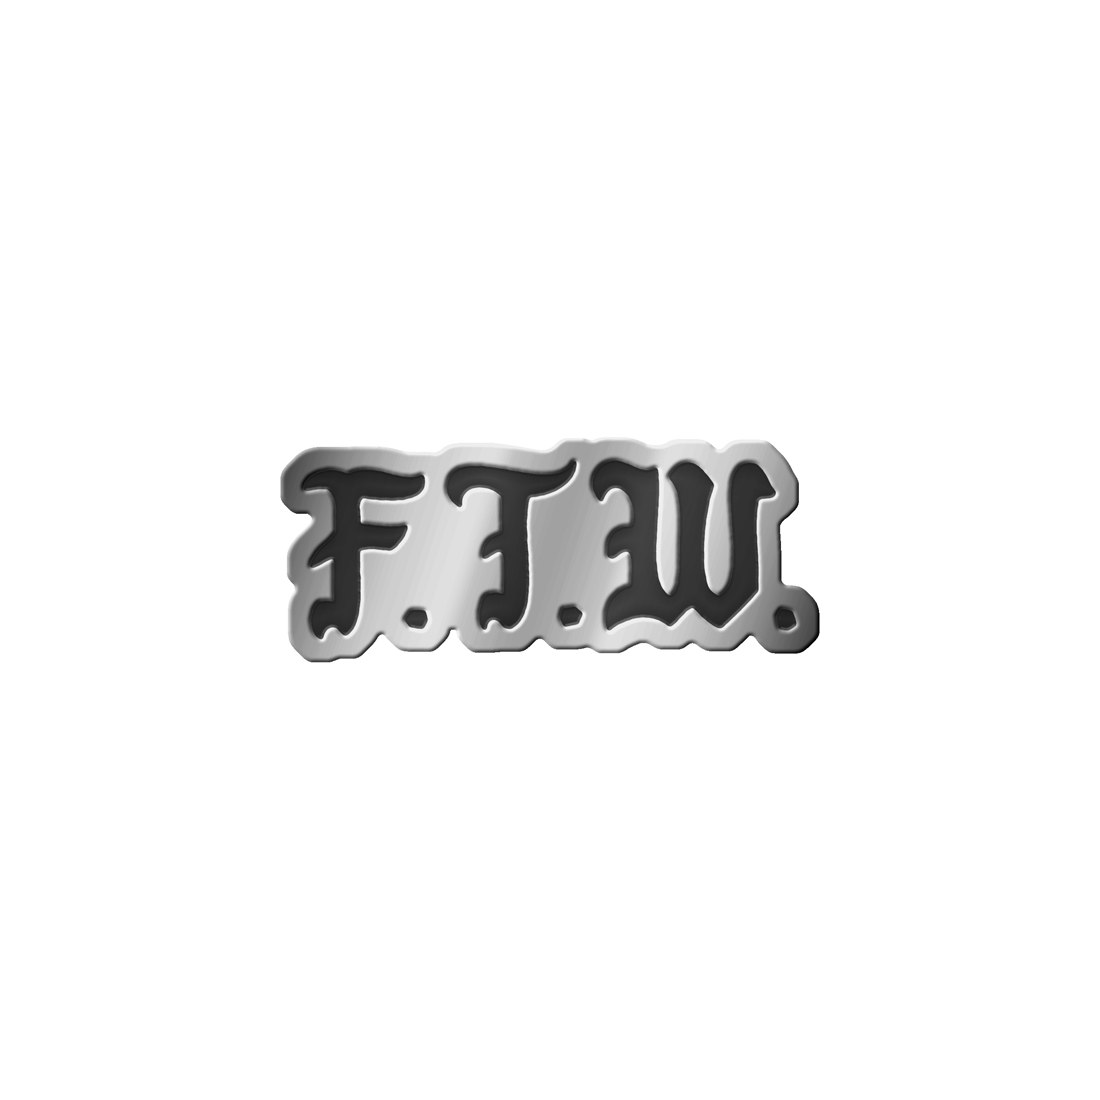 FE-PIN_26.jpg